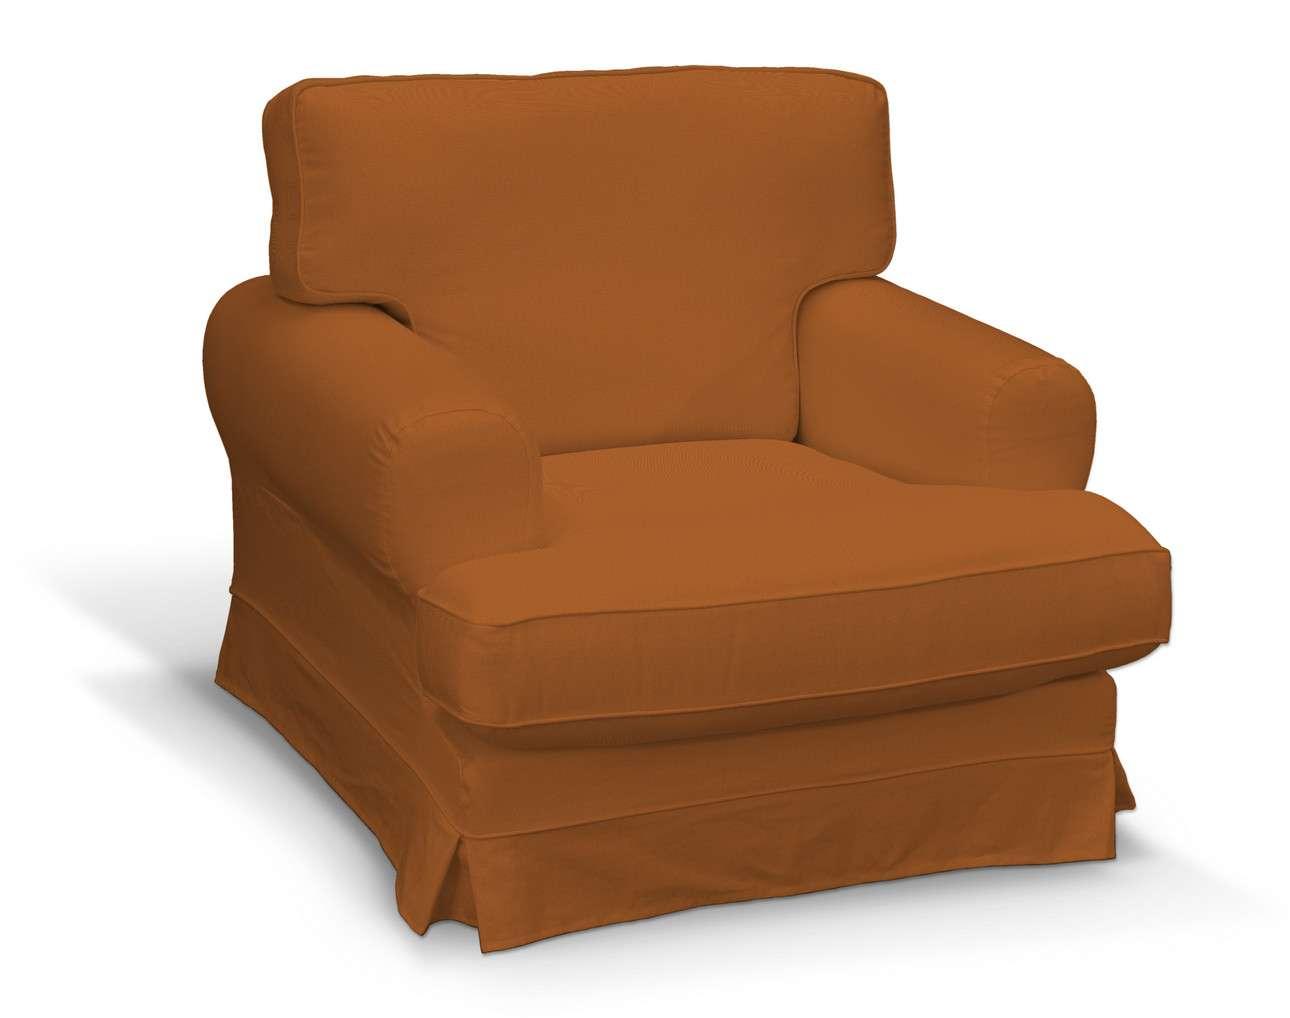 Pokrowiec na fotel Ekeskog w kolekcji Cotton Panama, tkanina: 702-42